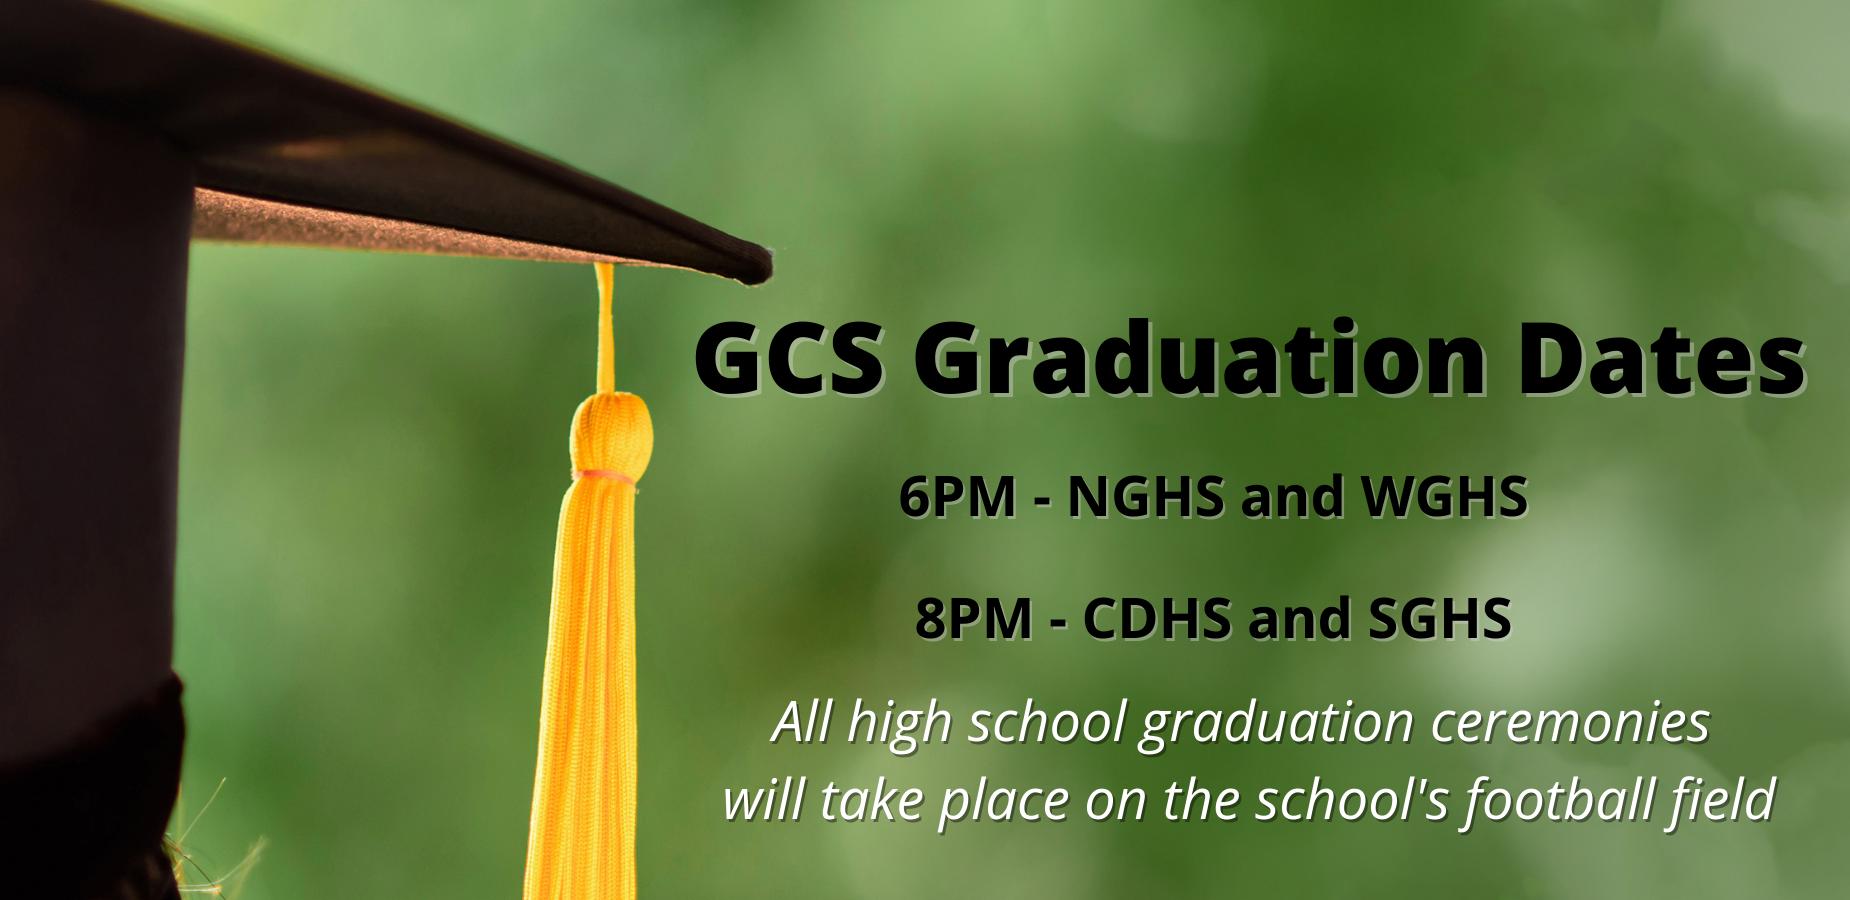 GCS Announces Graduation Dates